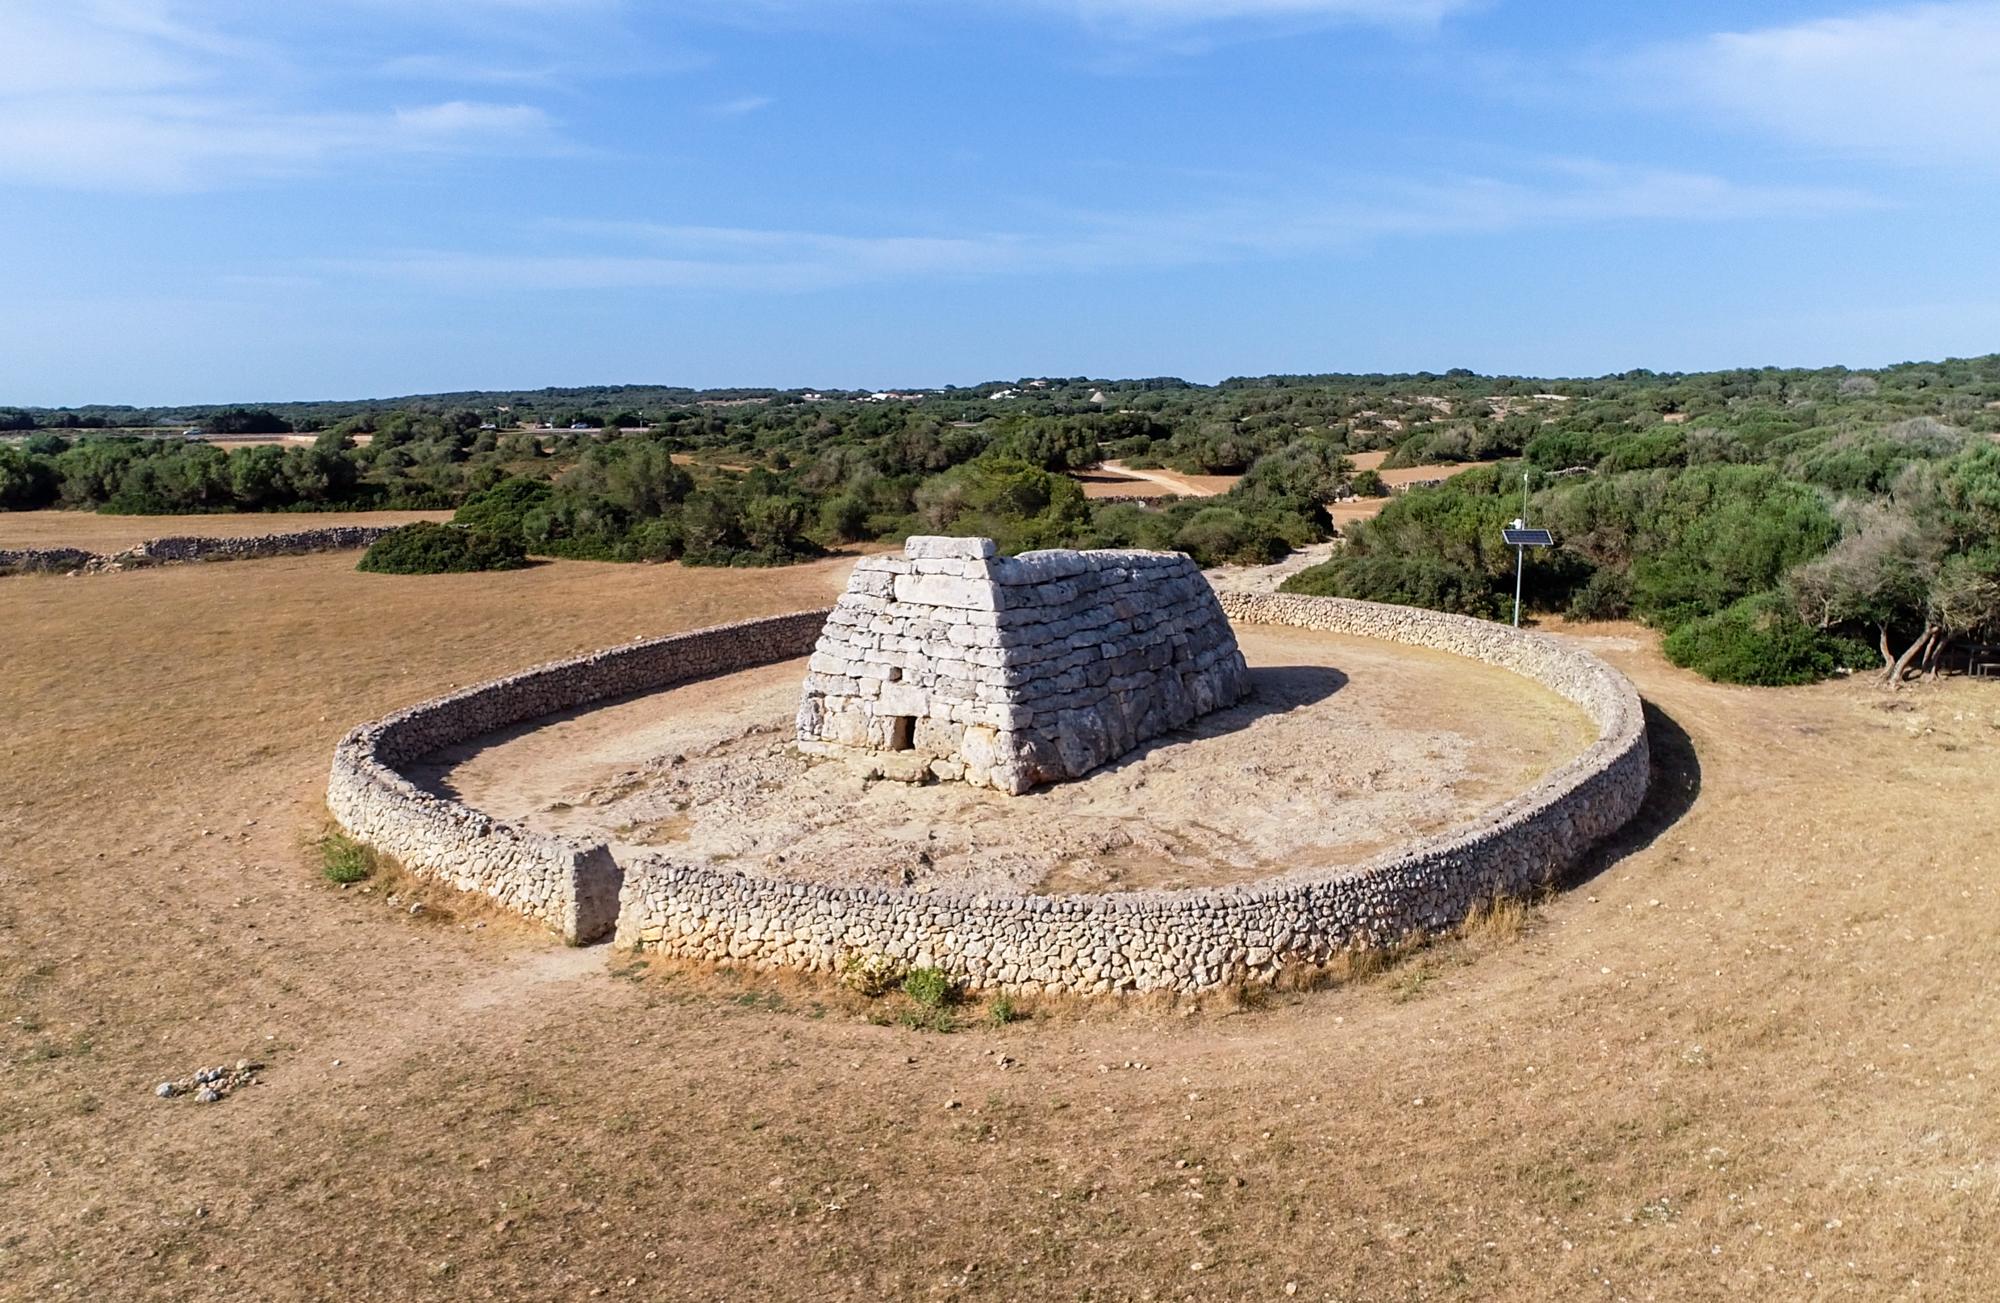 Qué ver y hacer en Menorca - Descubrir sus construcciones megalíticas